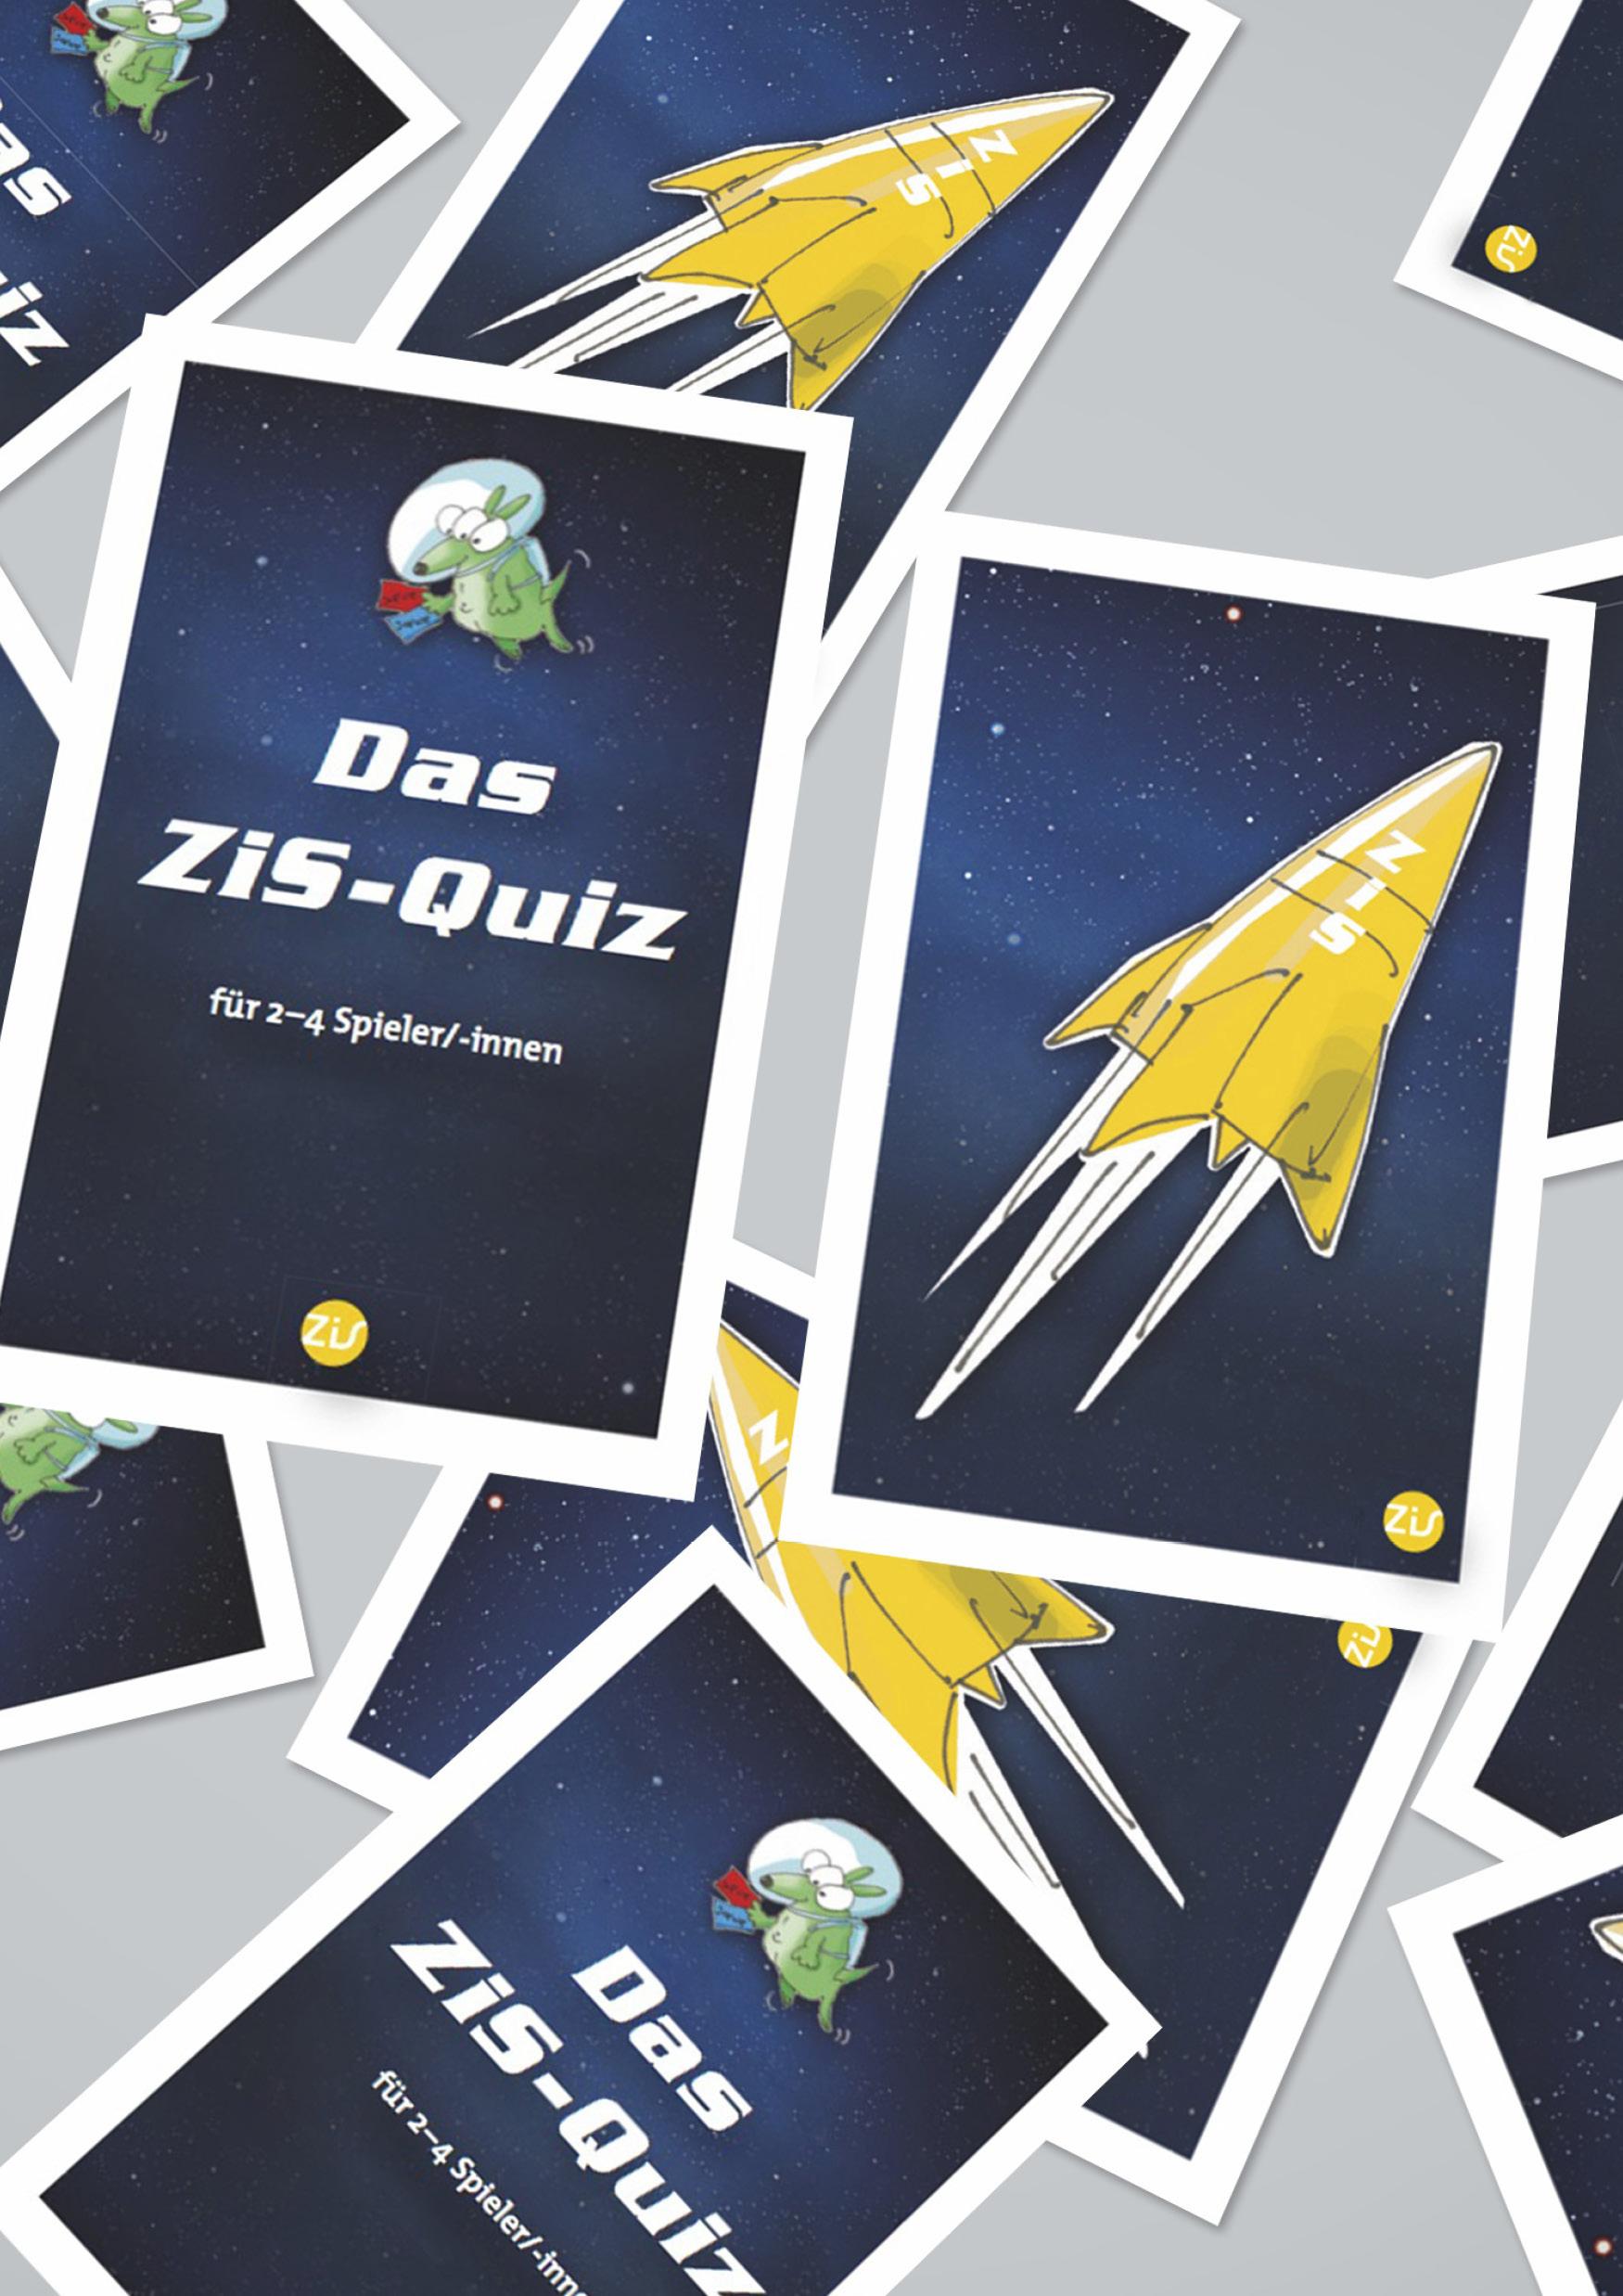 ZiS-Quiz